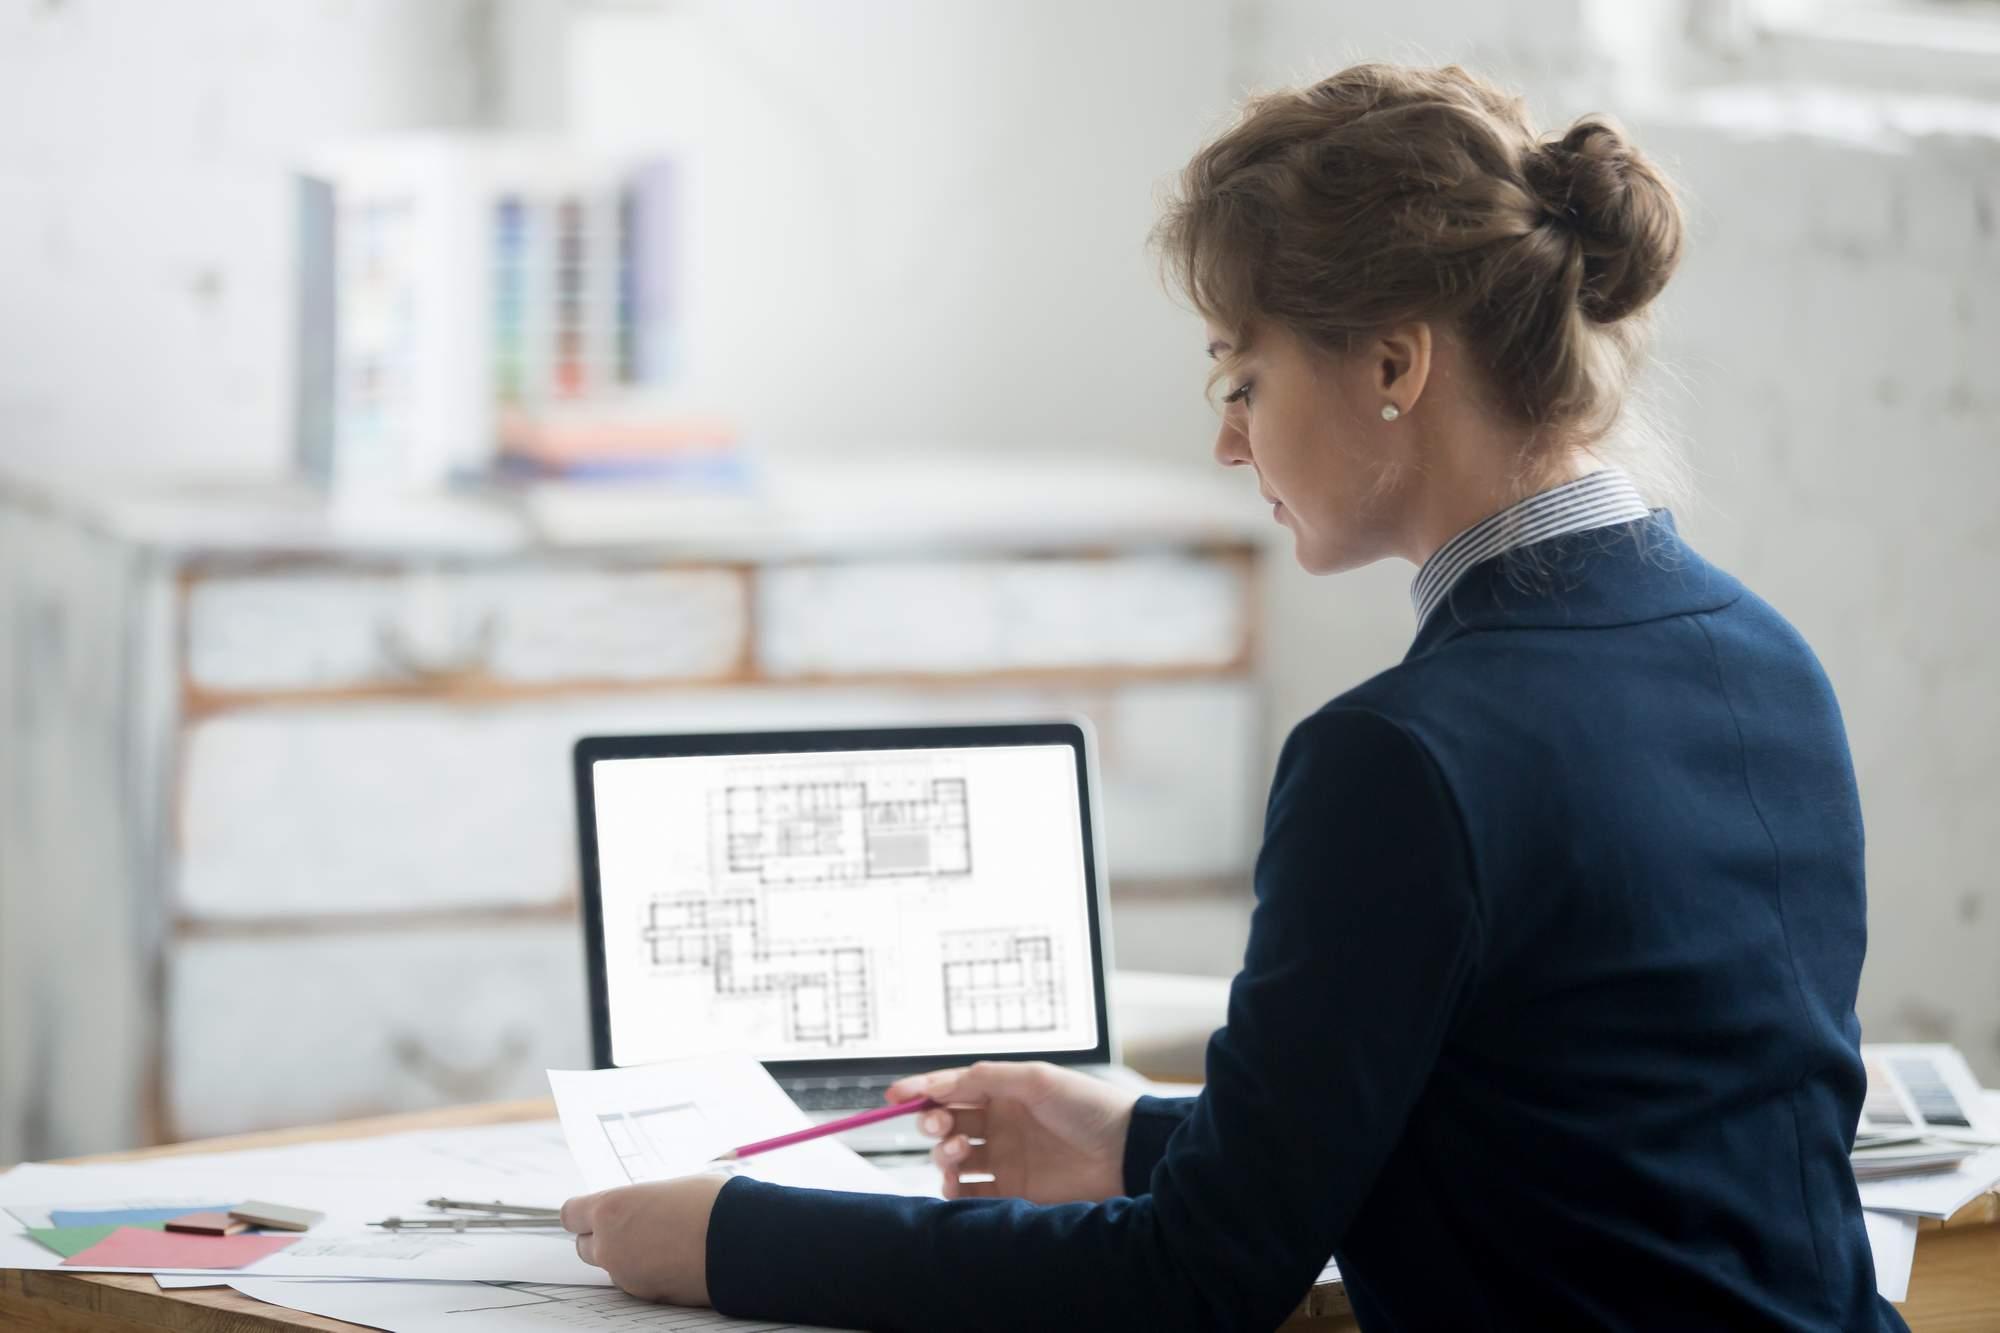 Studio di progettazione interior design gratuito for Costruttore di layout gratuito